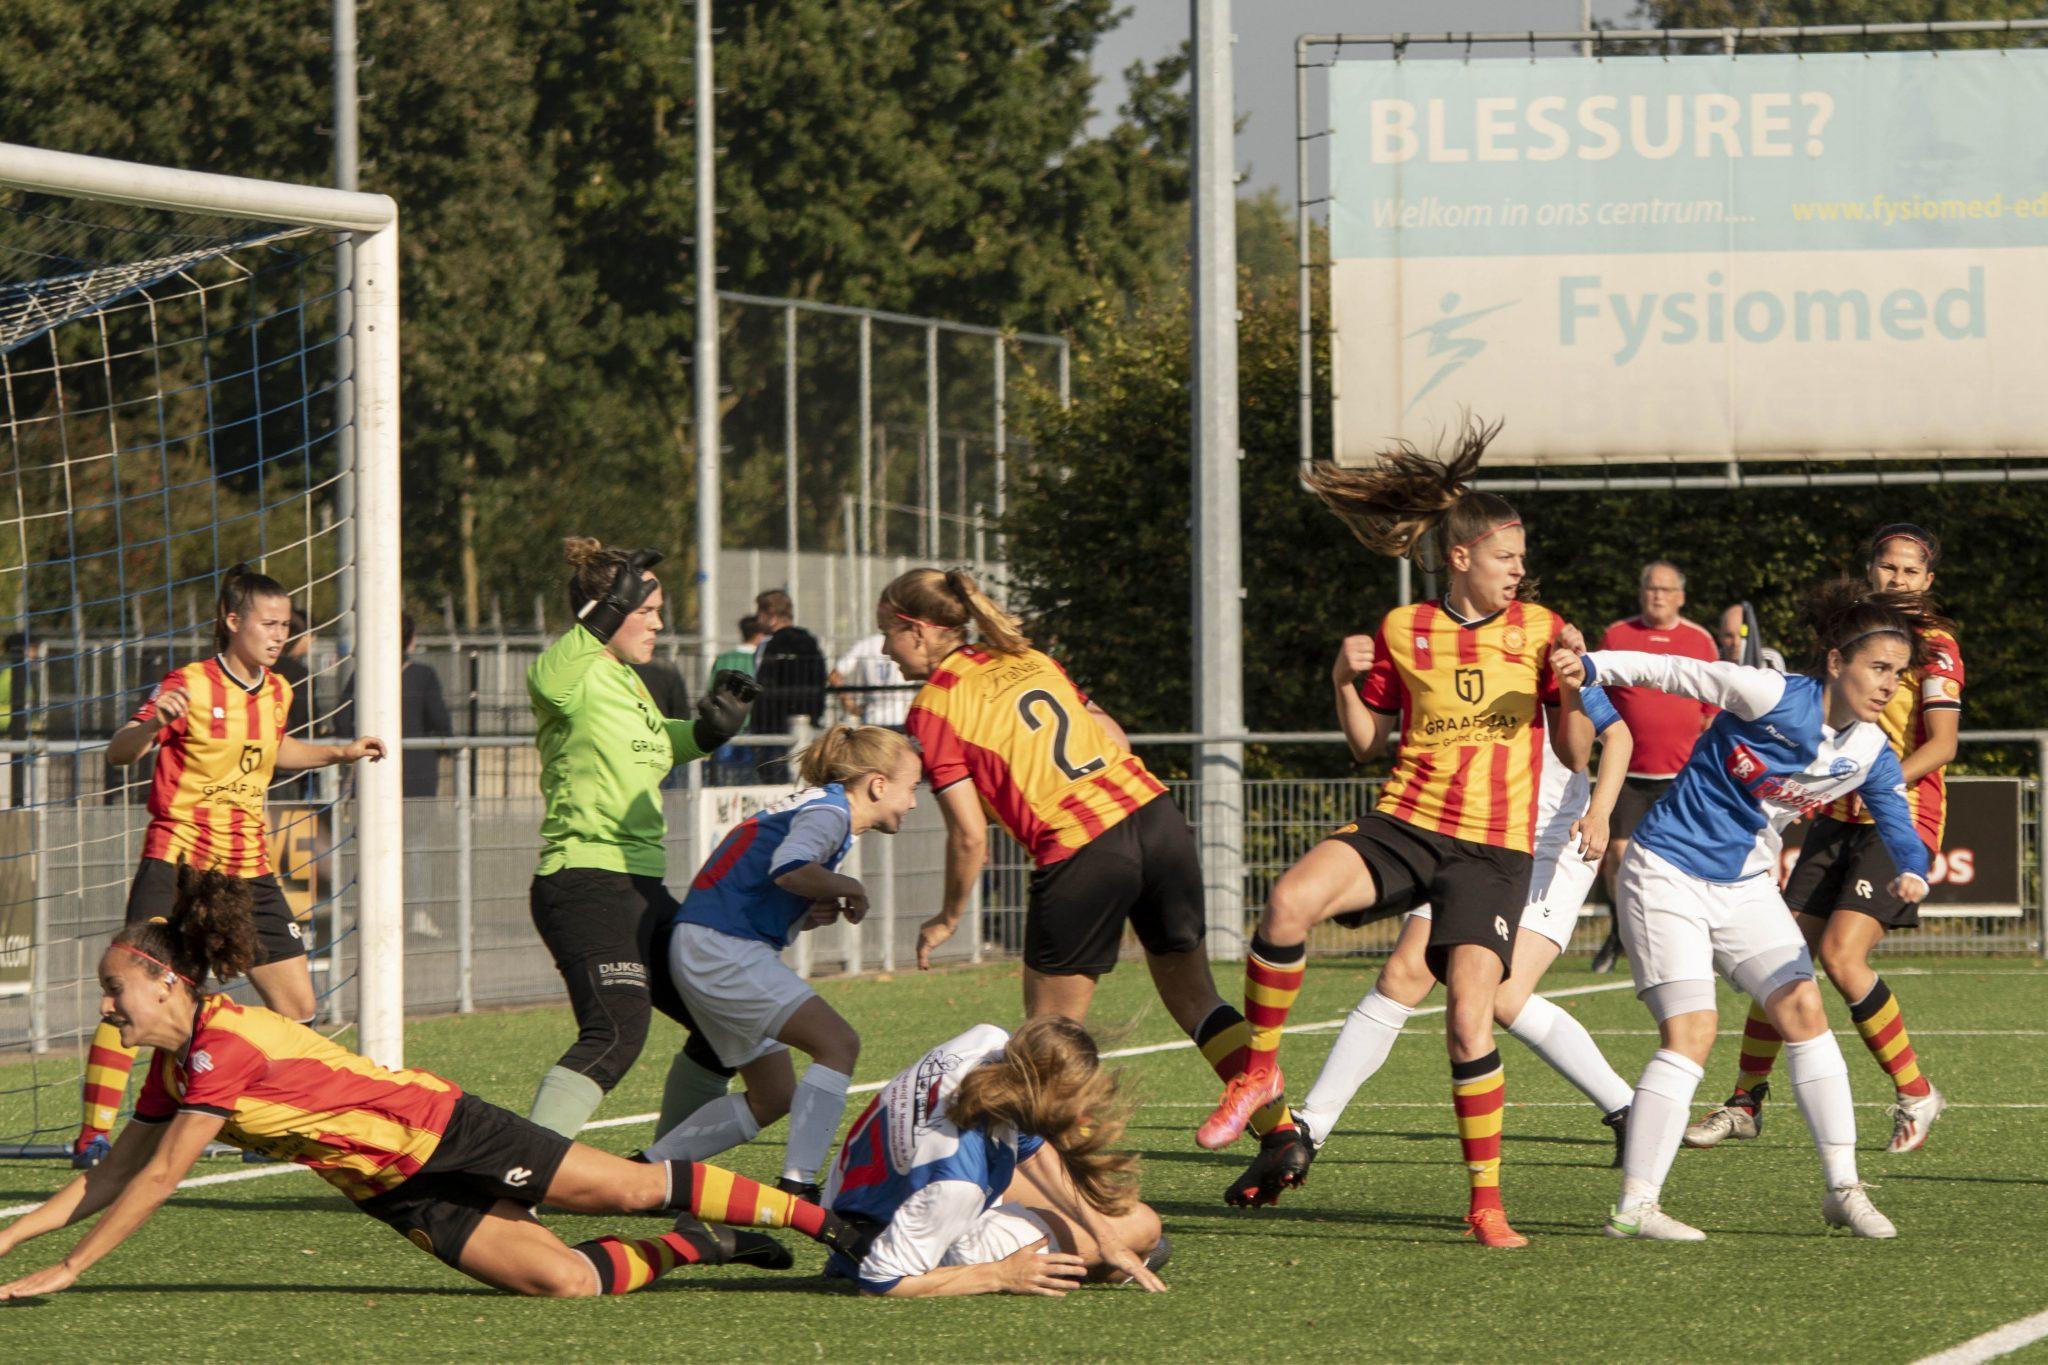 TOPKLASSE: Dames DTS Ede pakken ook de winst tegen Ter Leede (4-3)